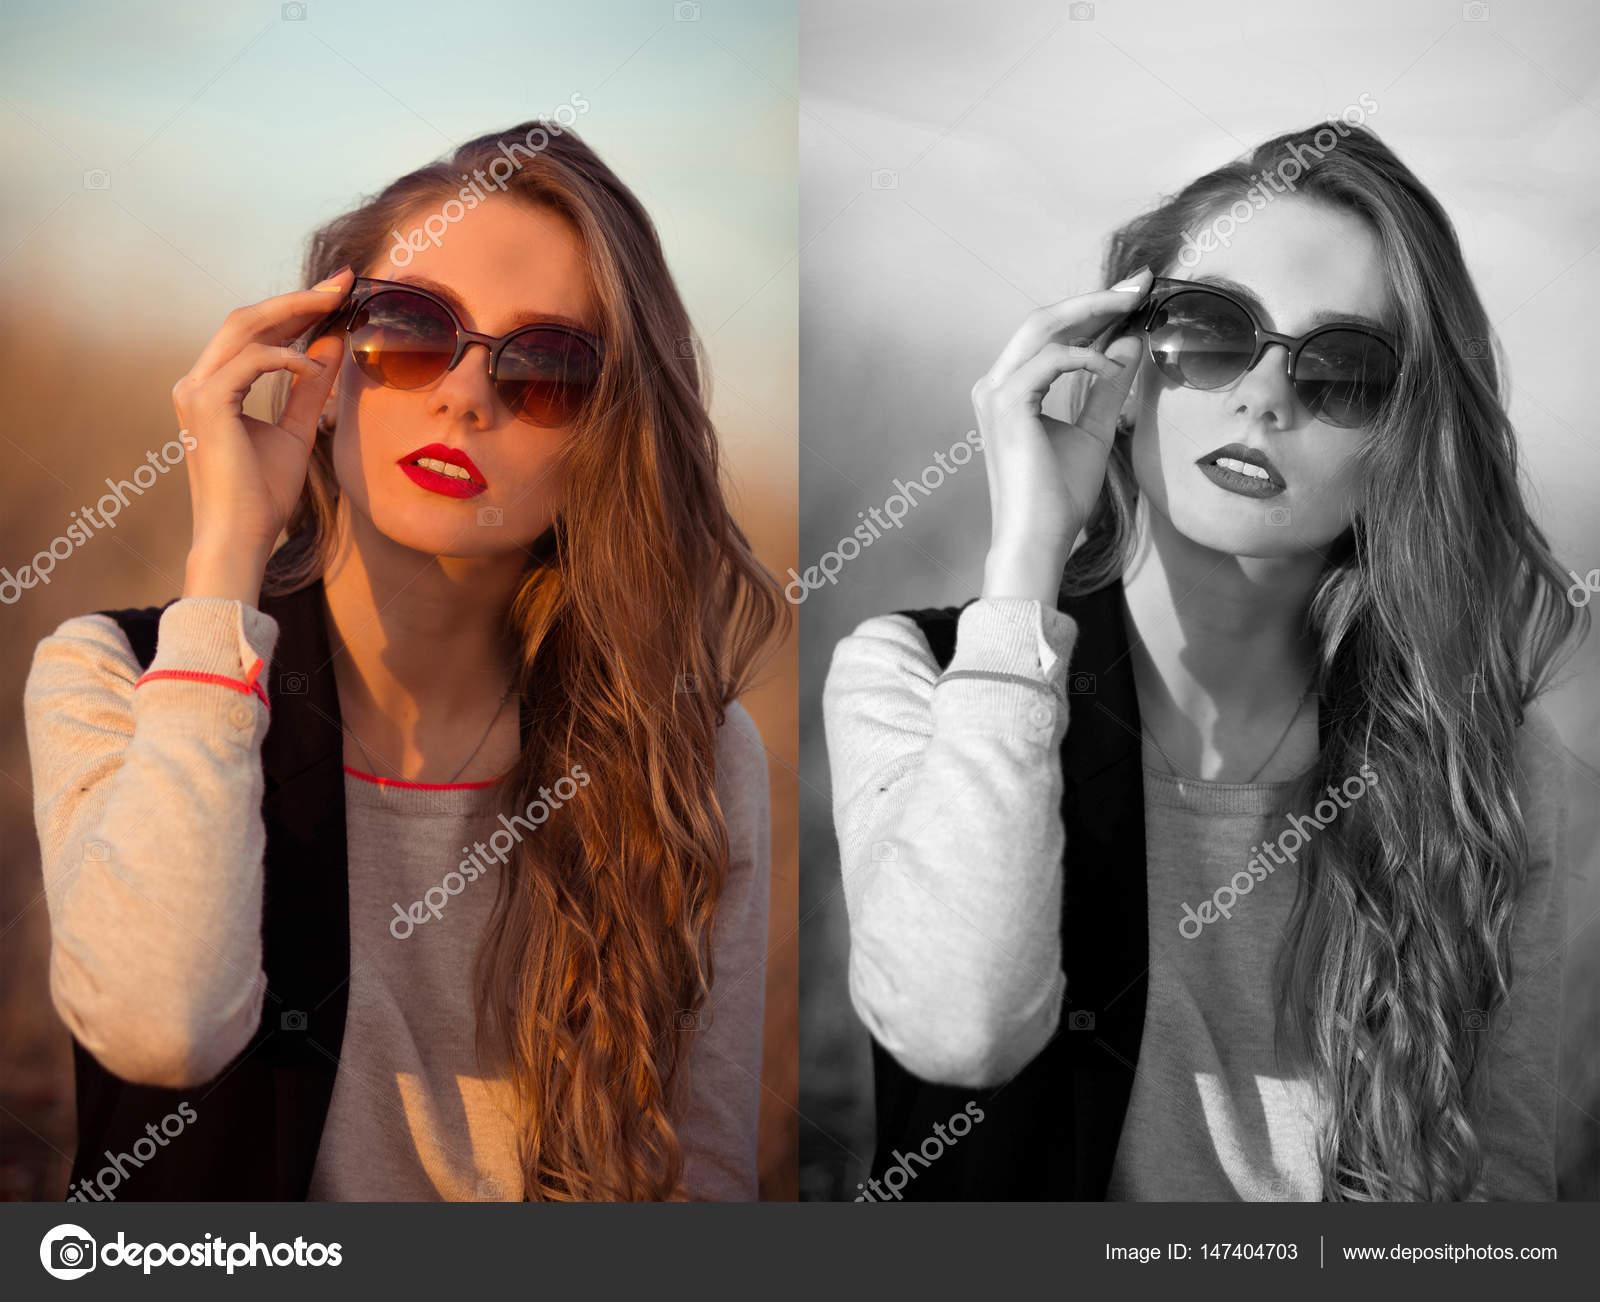 Ensoleillé, joyeux, brune, fille glamour avec des lunettes de soleil,  corrige, cales moderne, nouveau, élégant, brun, lunettes de soleil. Femme,  bon goût. 3e36f7b80d16